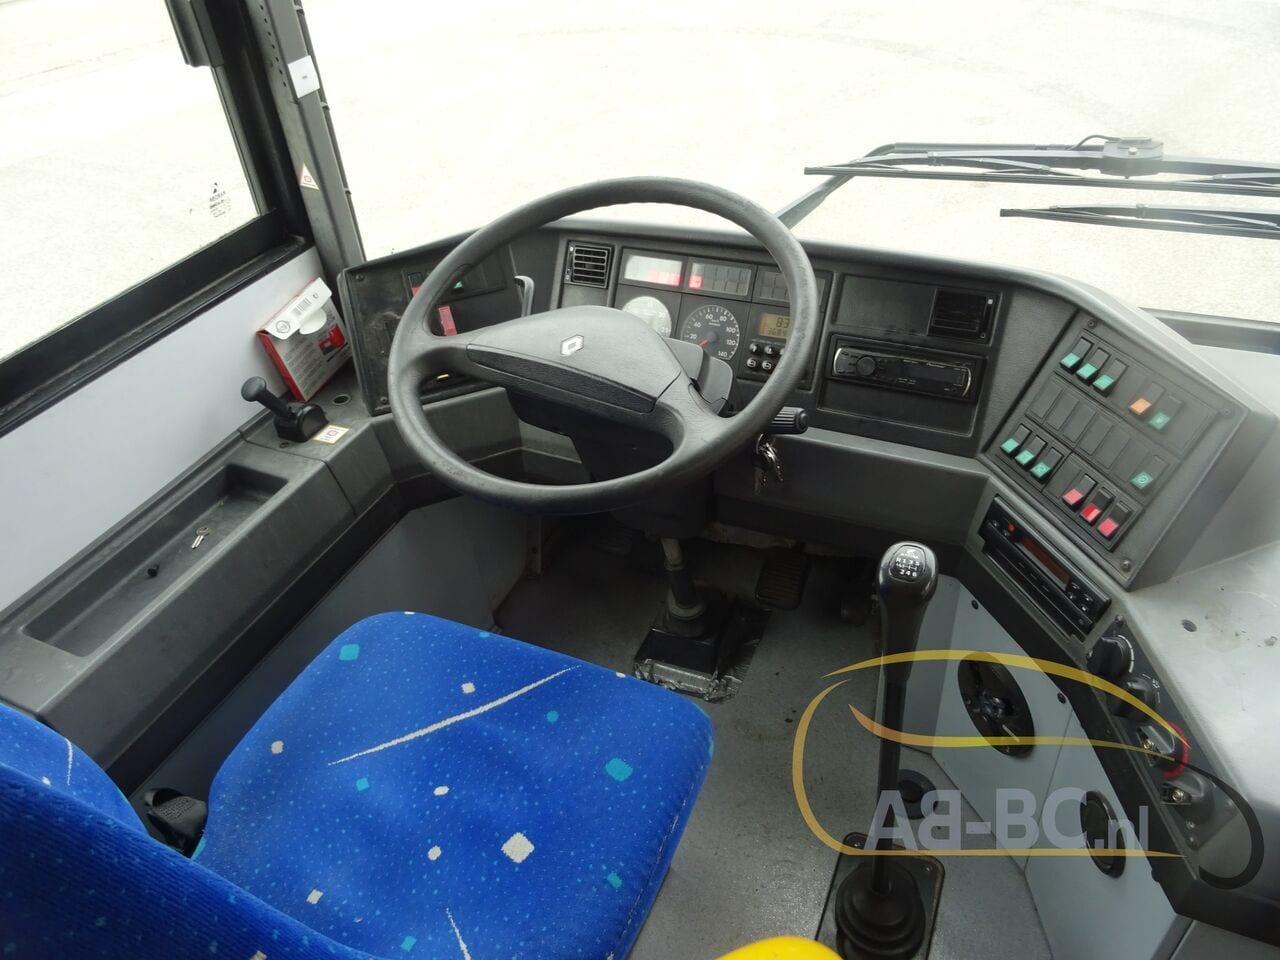 interurban-busIVECO-Irisbus-Recreo-64-Seats---1626159978130796036_big_4b31500fe072c61d556c6c219307f556--21071309575983154500